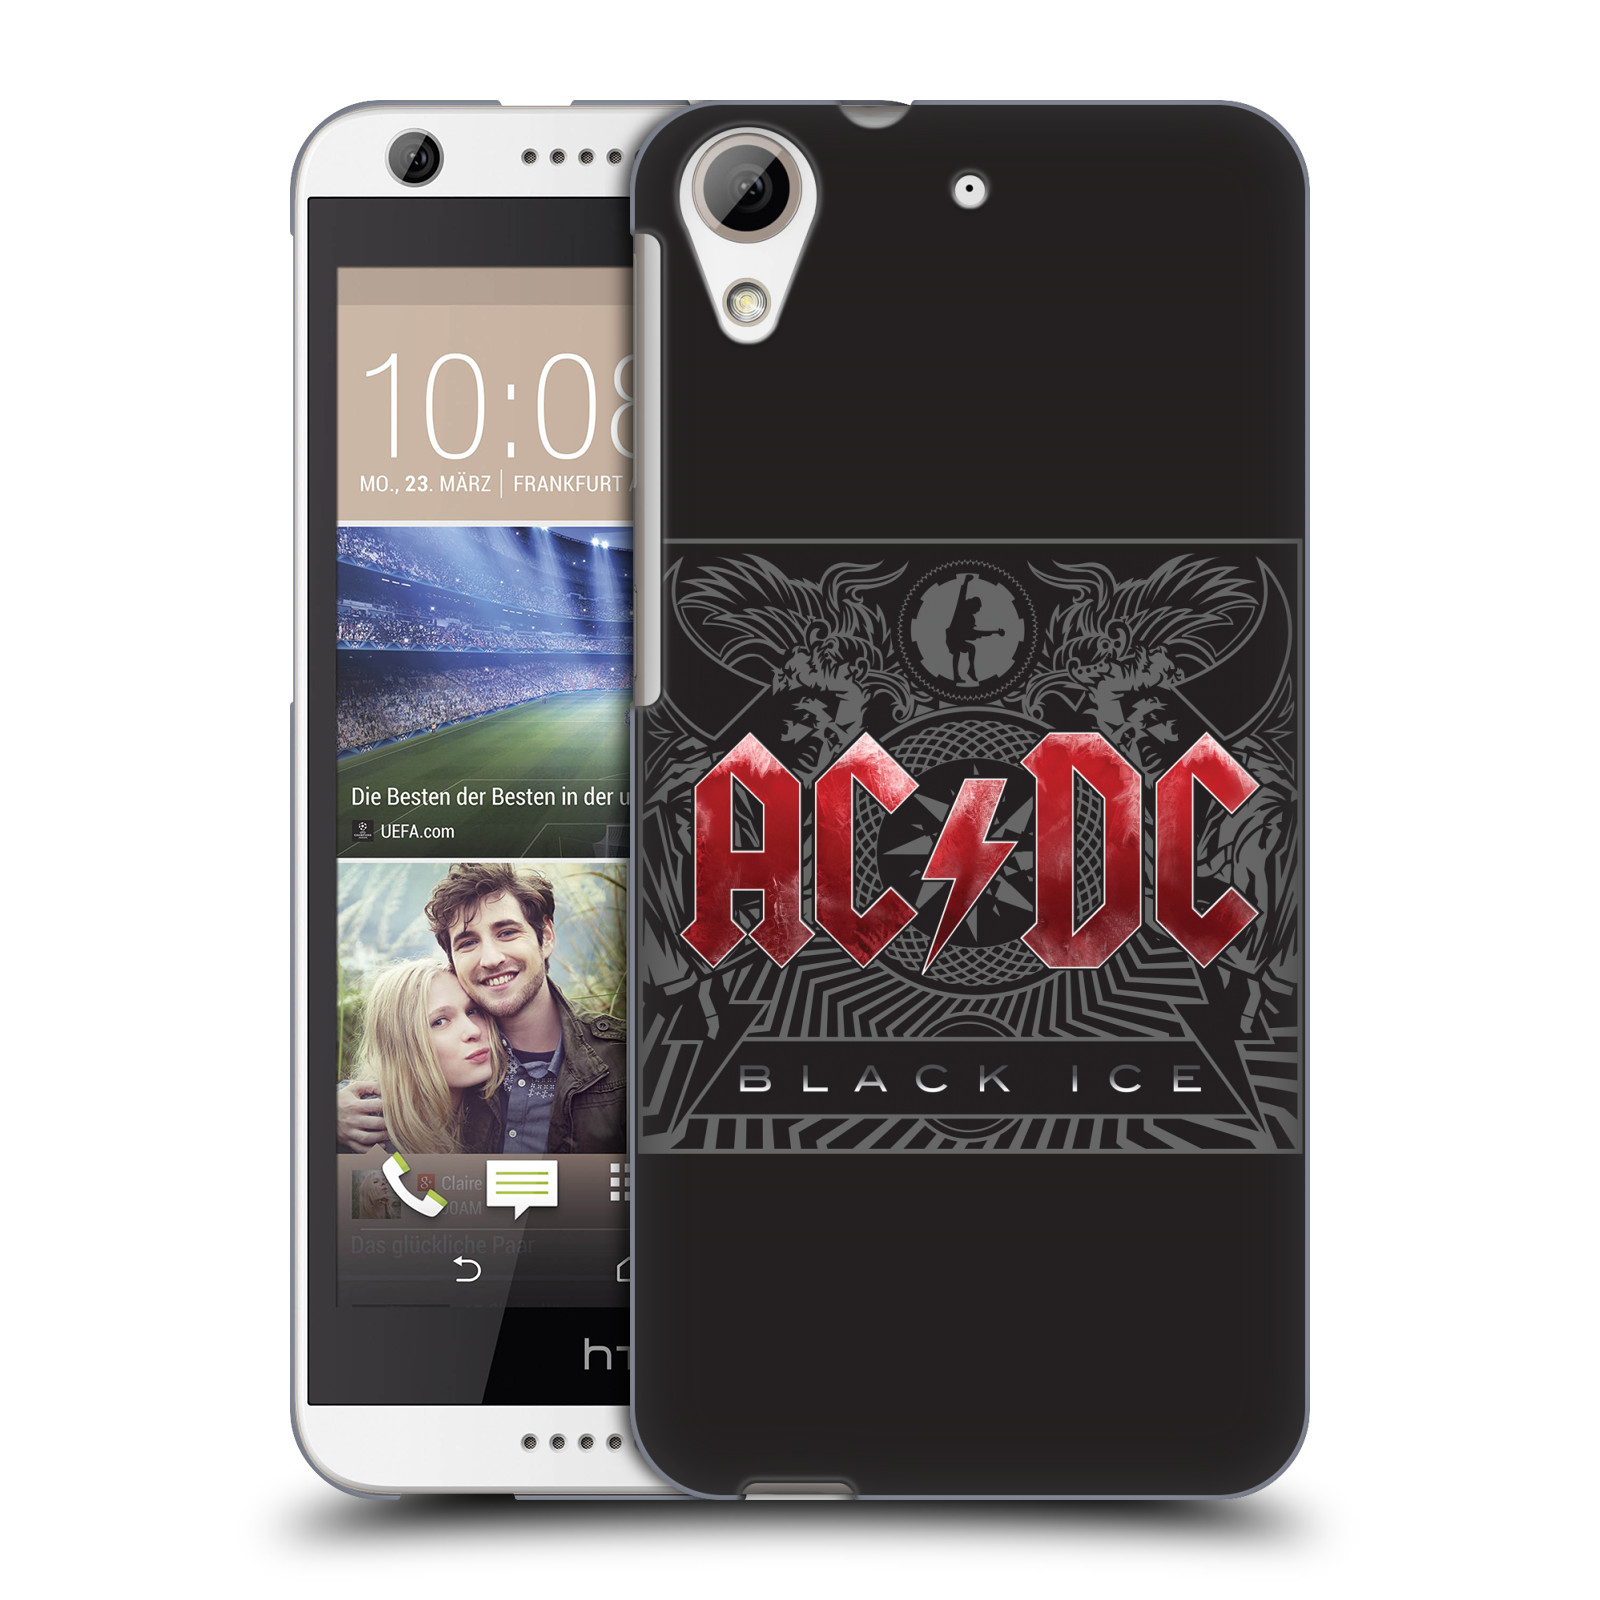 Plastové pouzdro na mobil HTC Desire 626 / 626G HEAD CASE AC/DC Black Ice (Plastový kryt či obal na mobilní telefon s oficiálním motivem australské skupiny AC/DC pro HTC Desire 626G Dual SIM a HTC Desire 626)